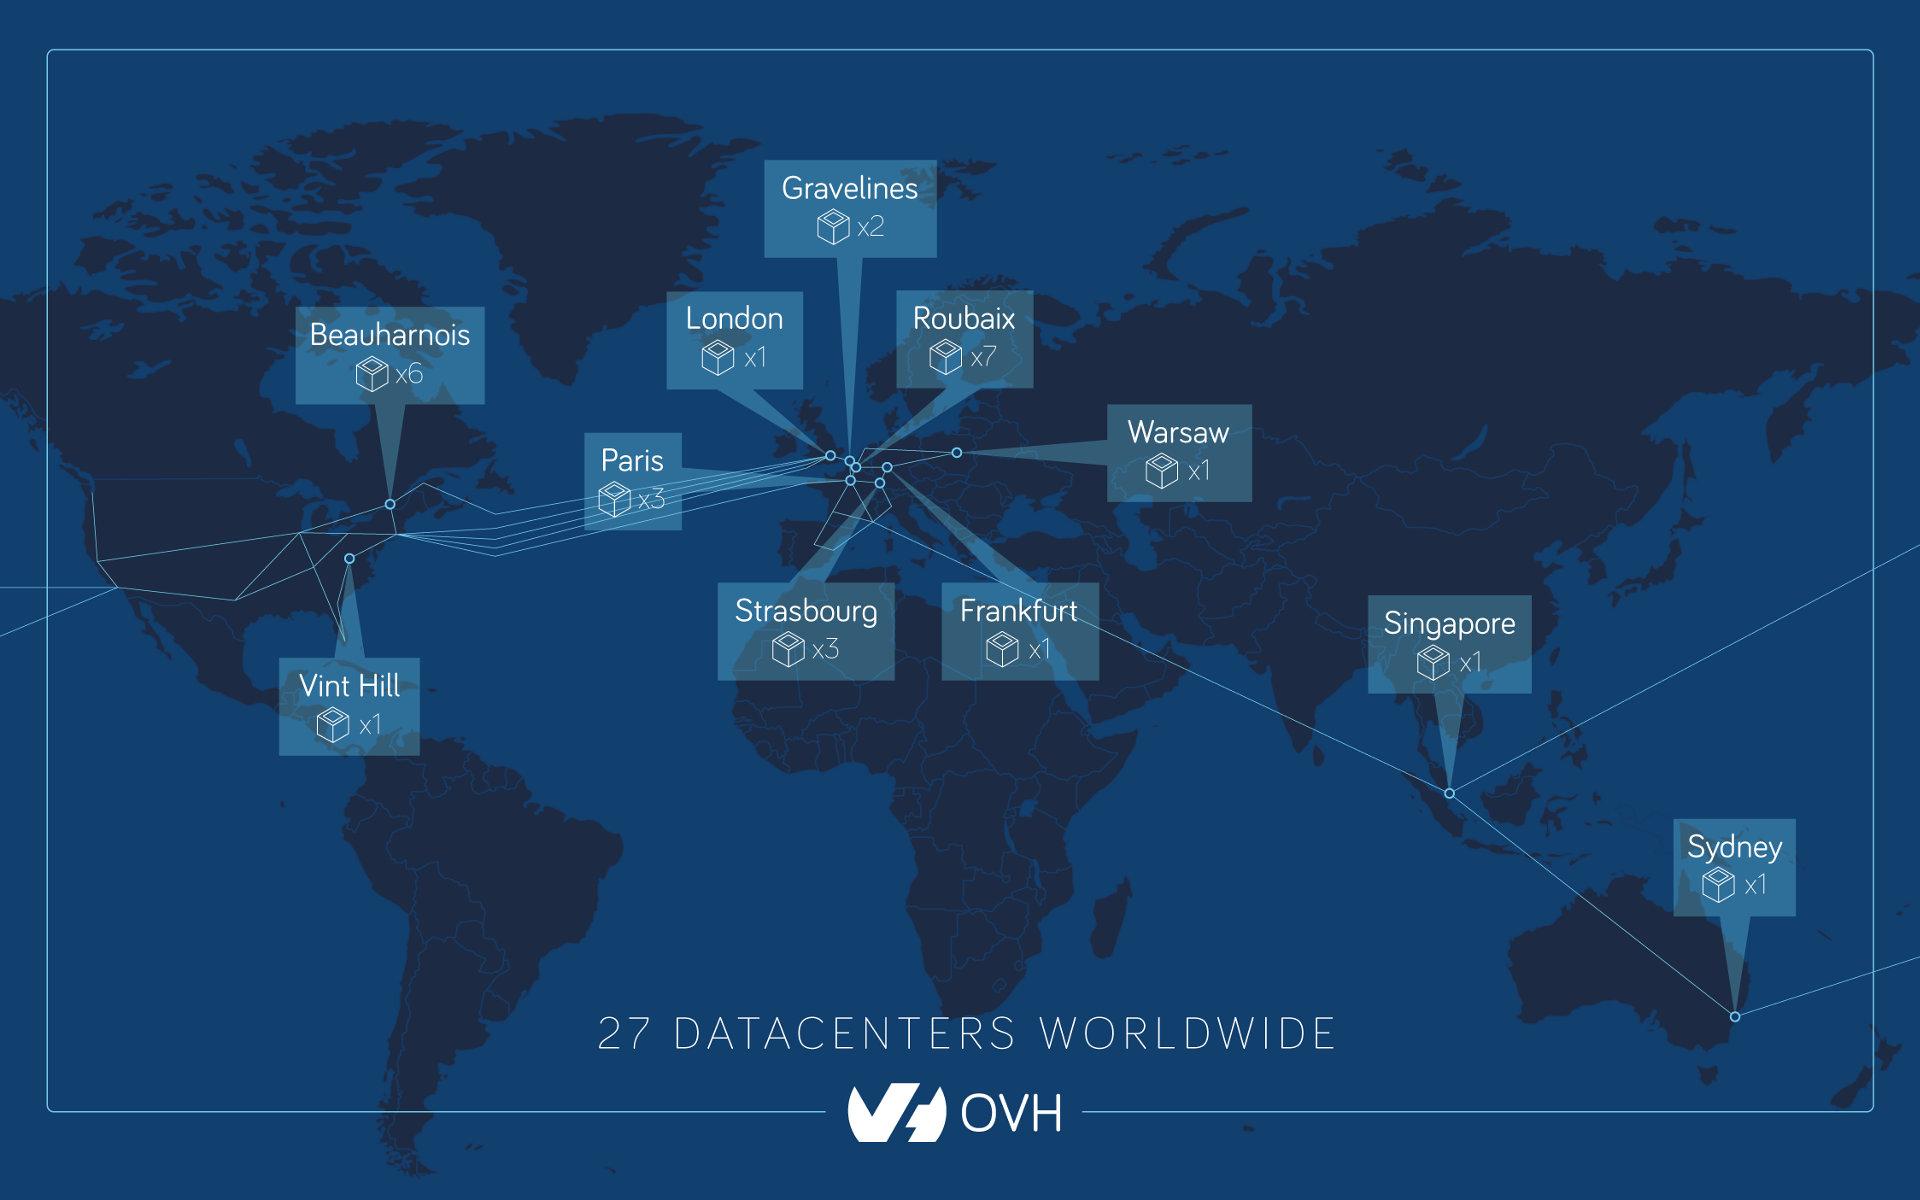 شرکت فرانسوی OVH، دارای ۲۷ دیتاسنتر در سراسر جهان